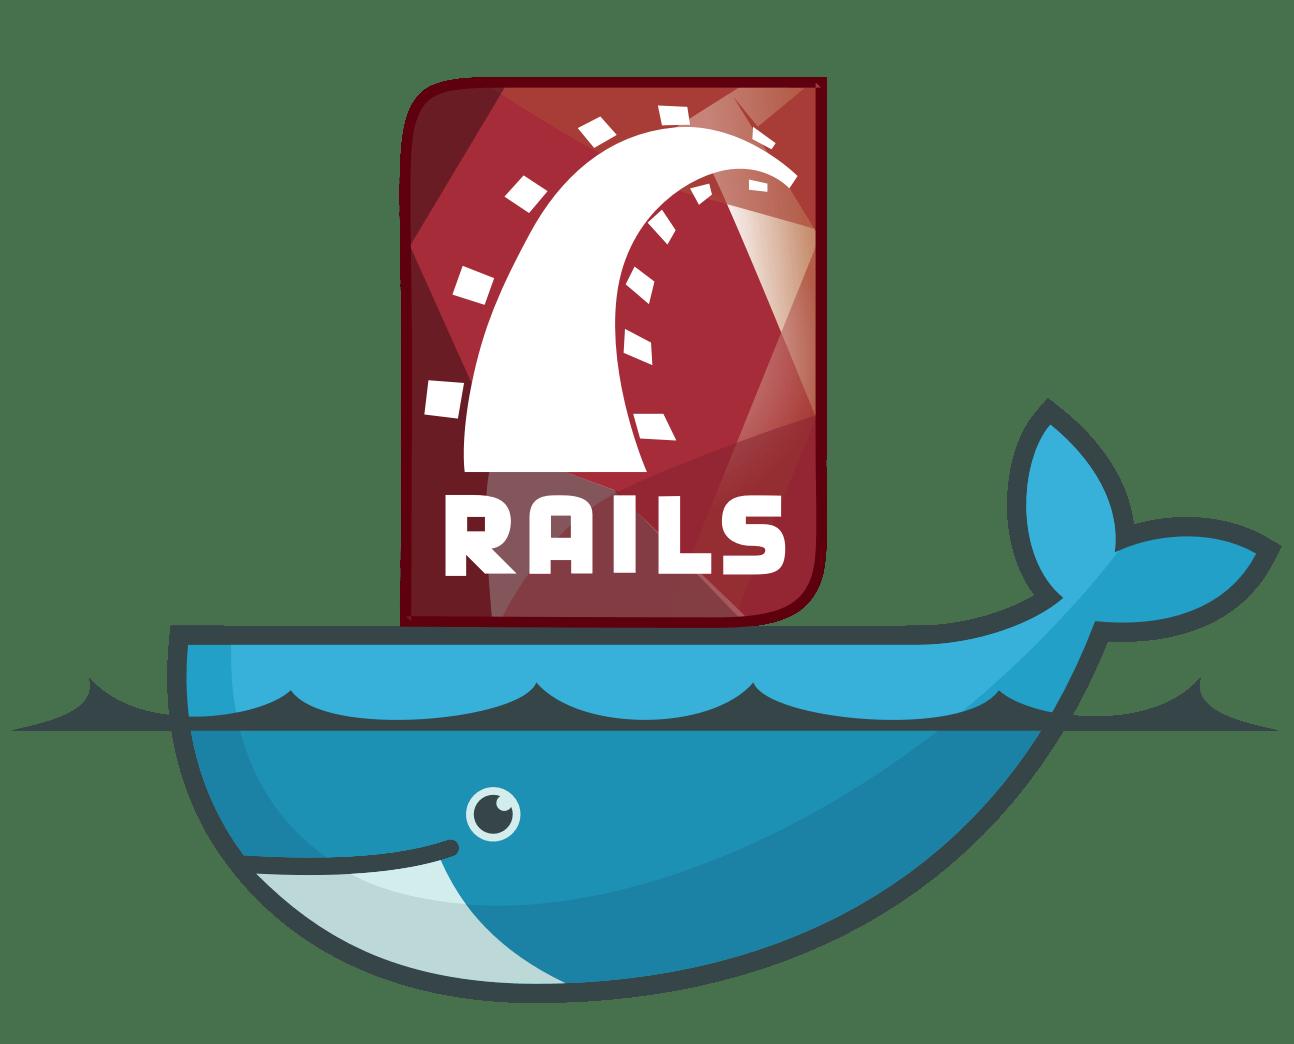 RailsプロジェクトのDocker開発環境の改善に取り組んだこと